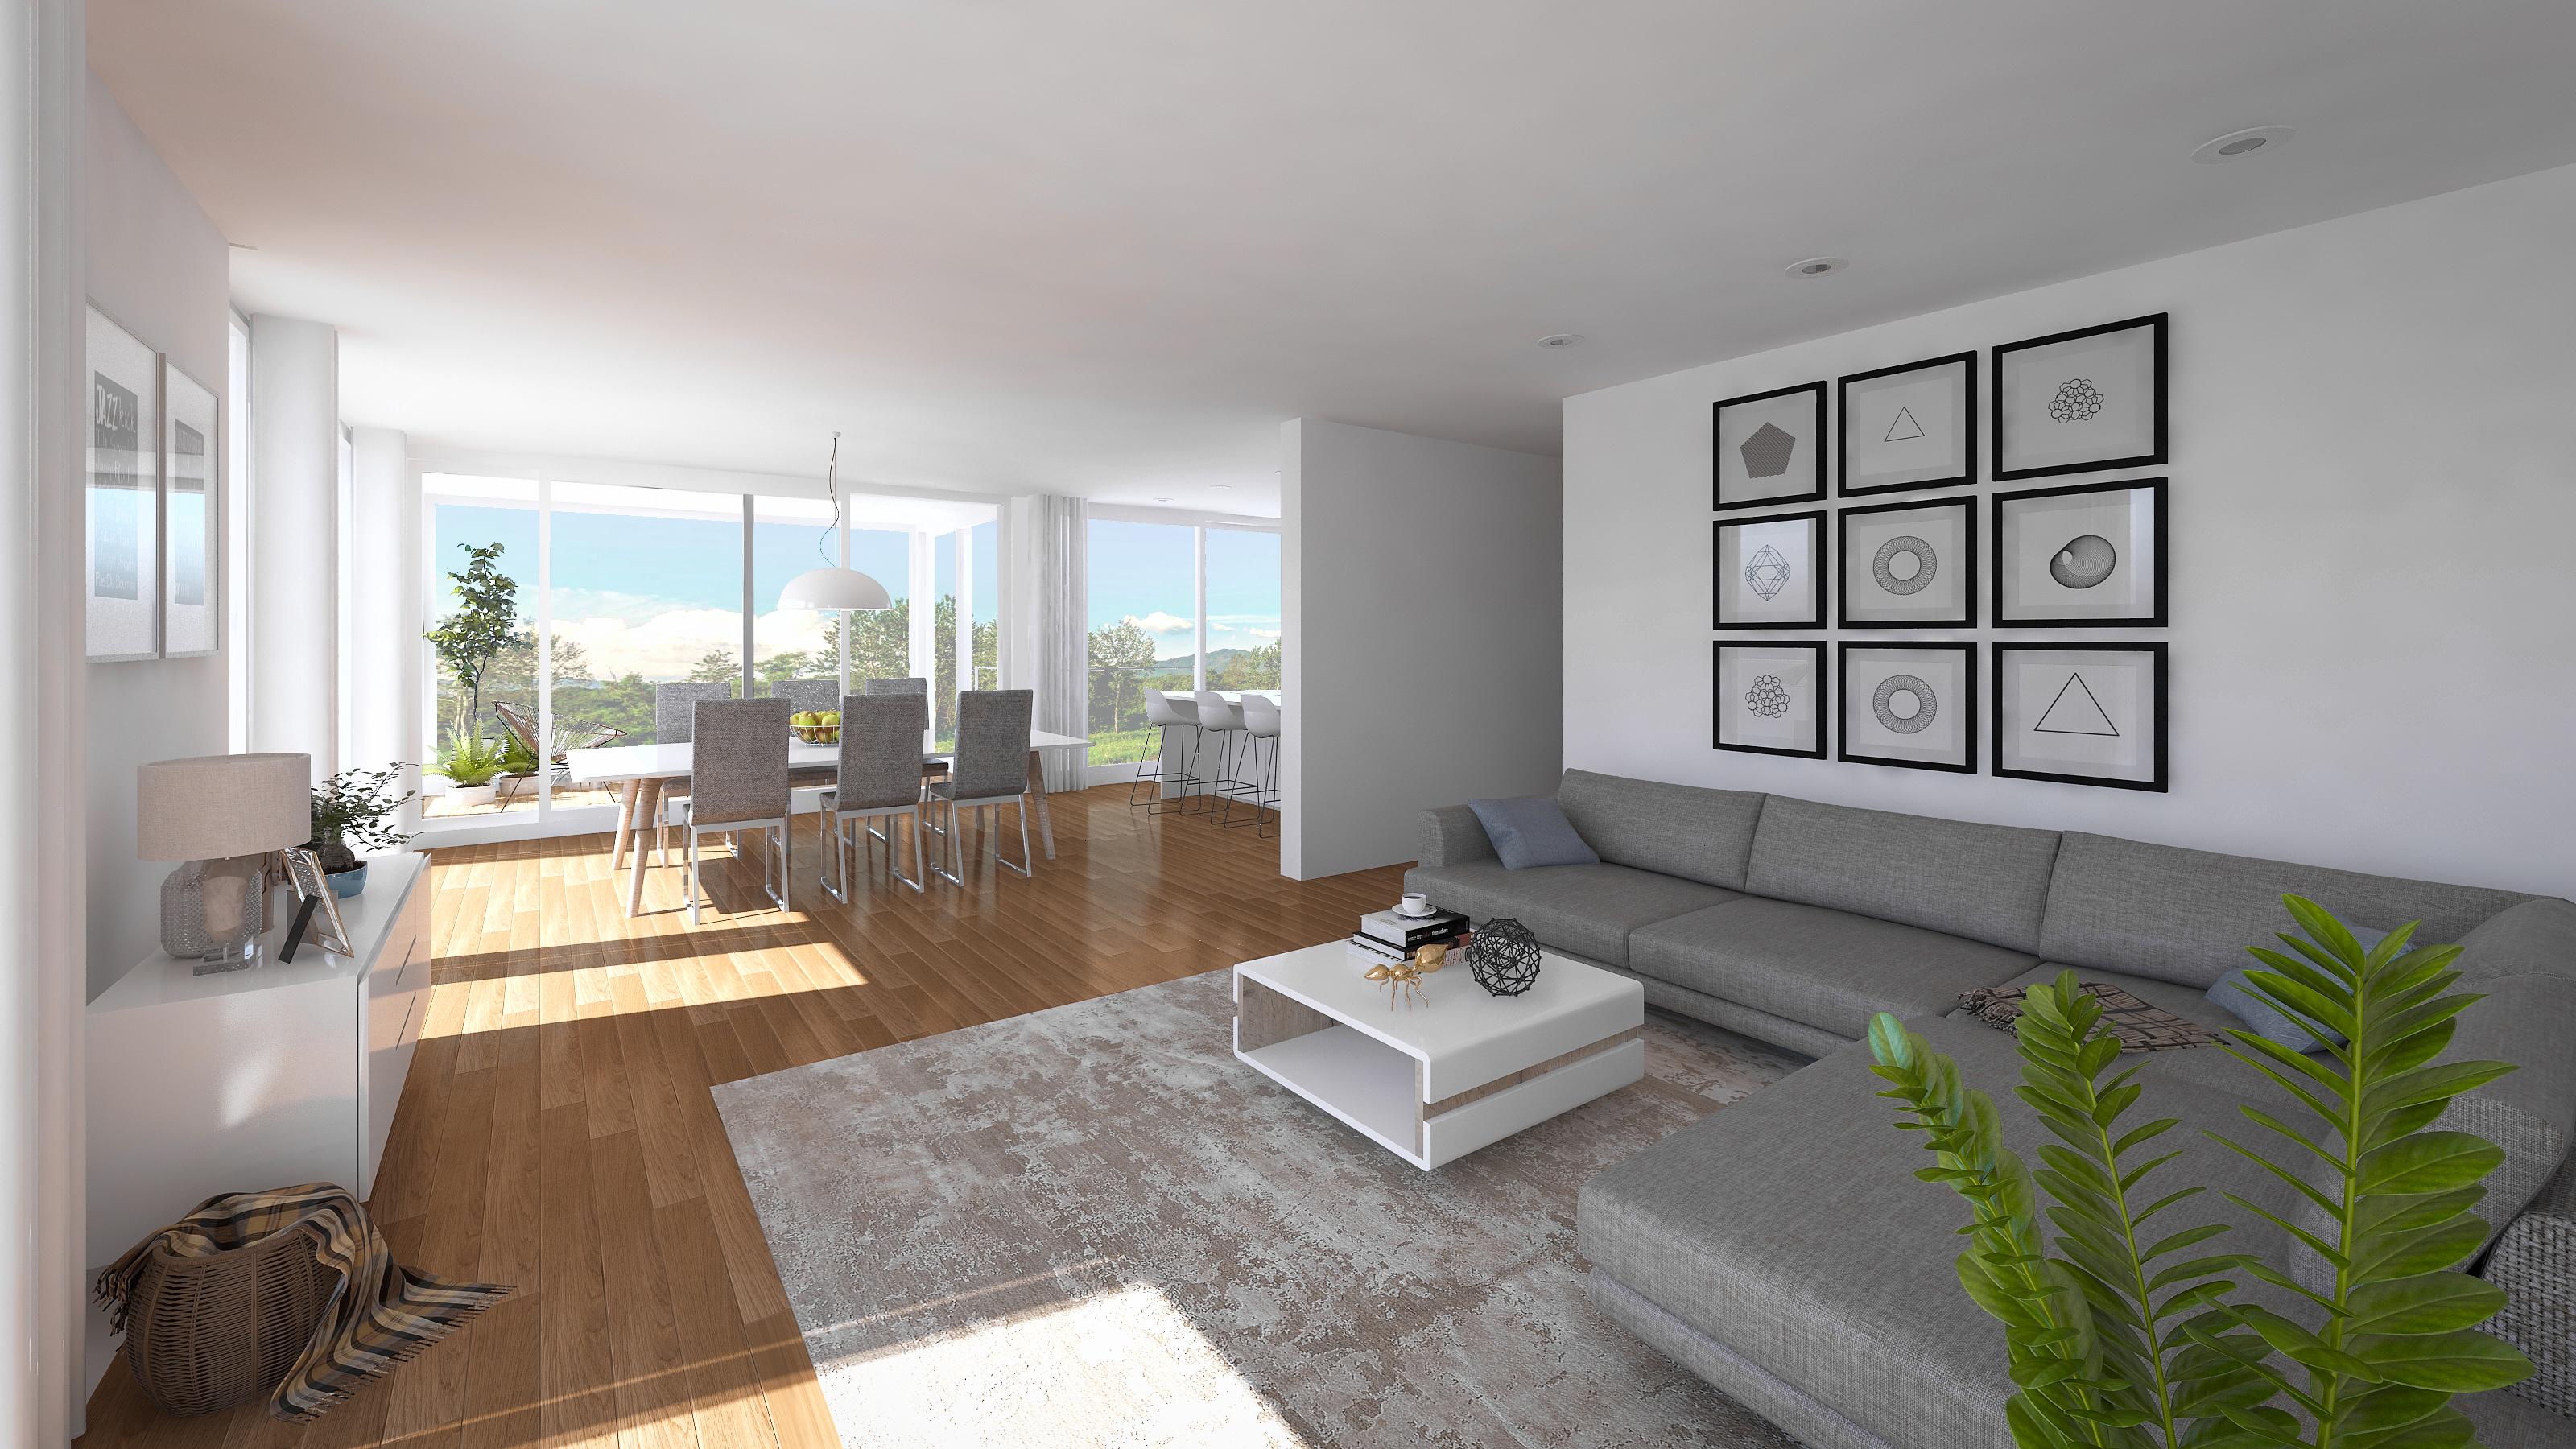 Verkauf: moderne Attika-Wohnung